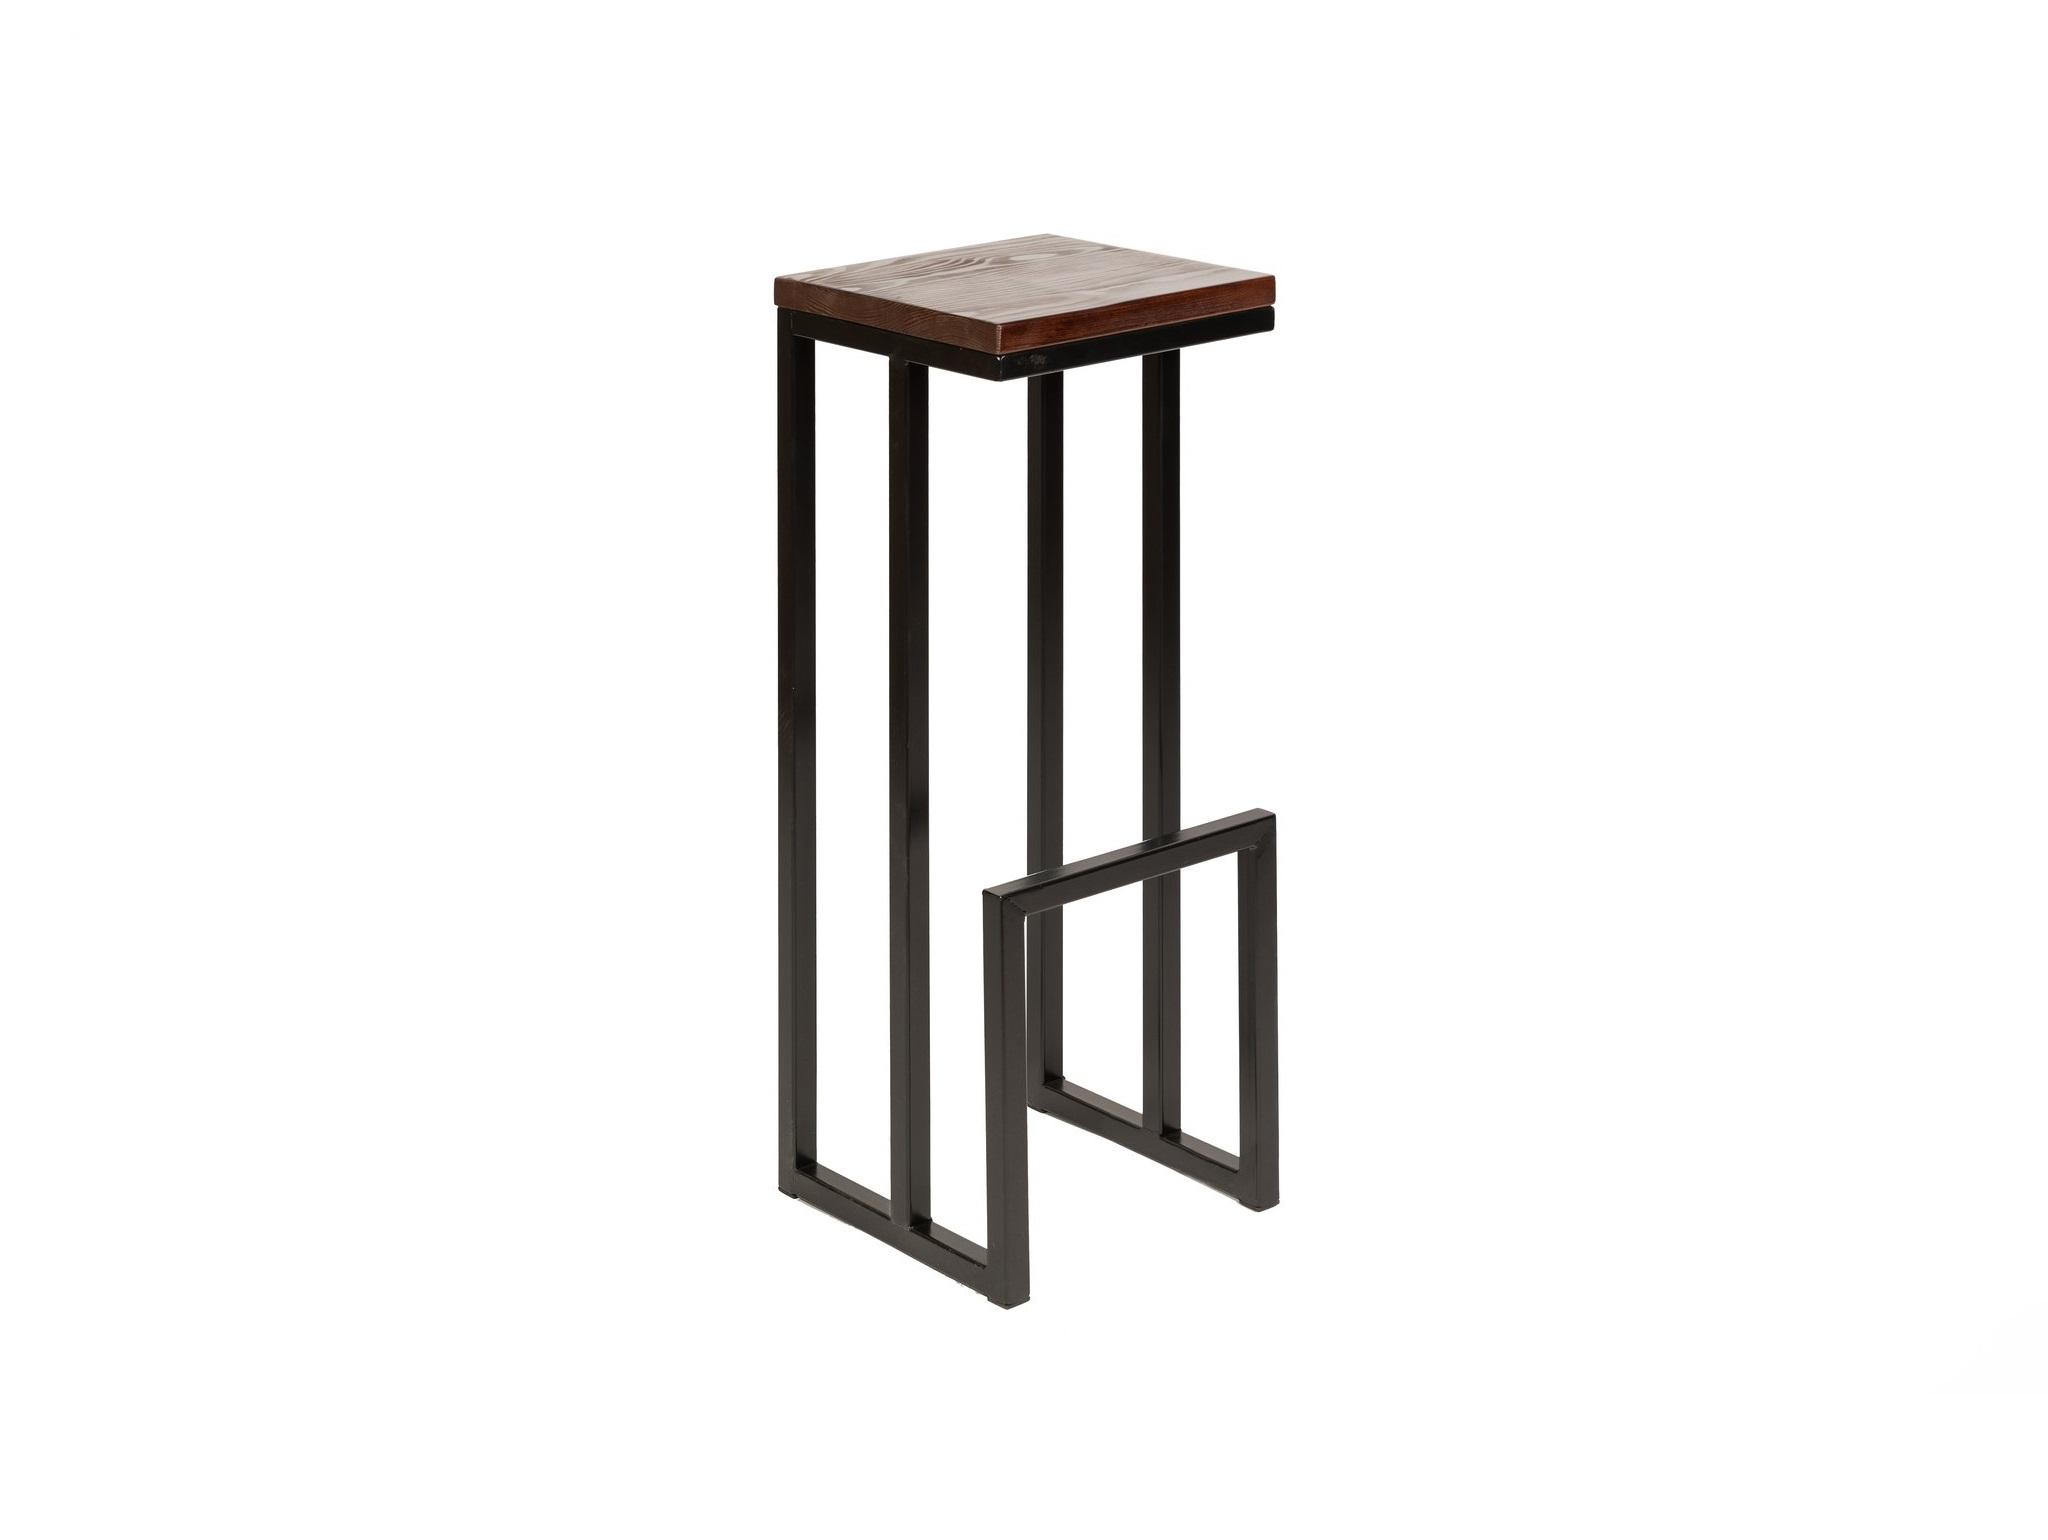 Барный стул Idea 6176127 от thefurnish